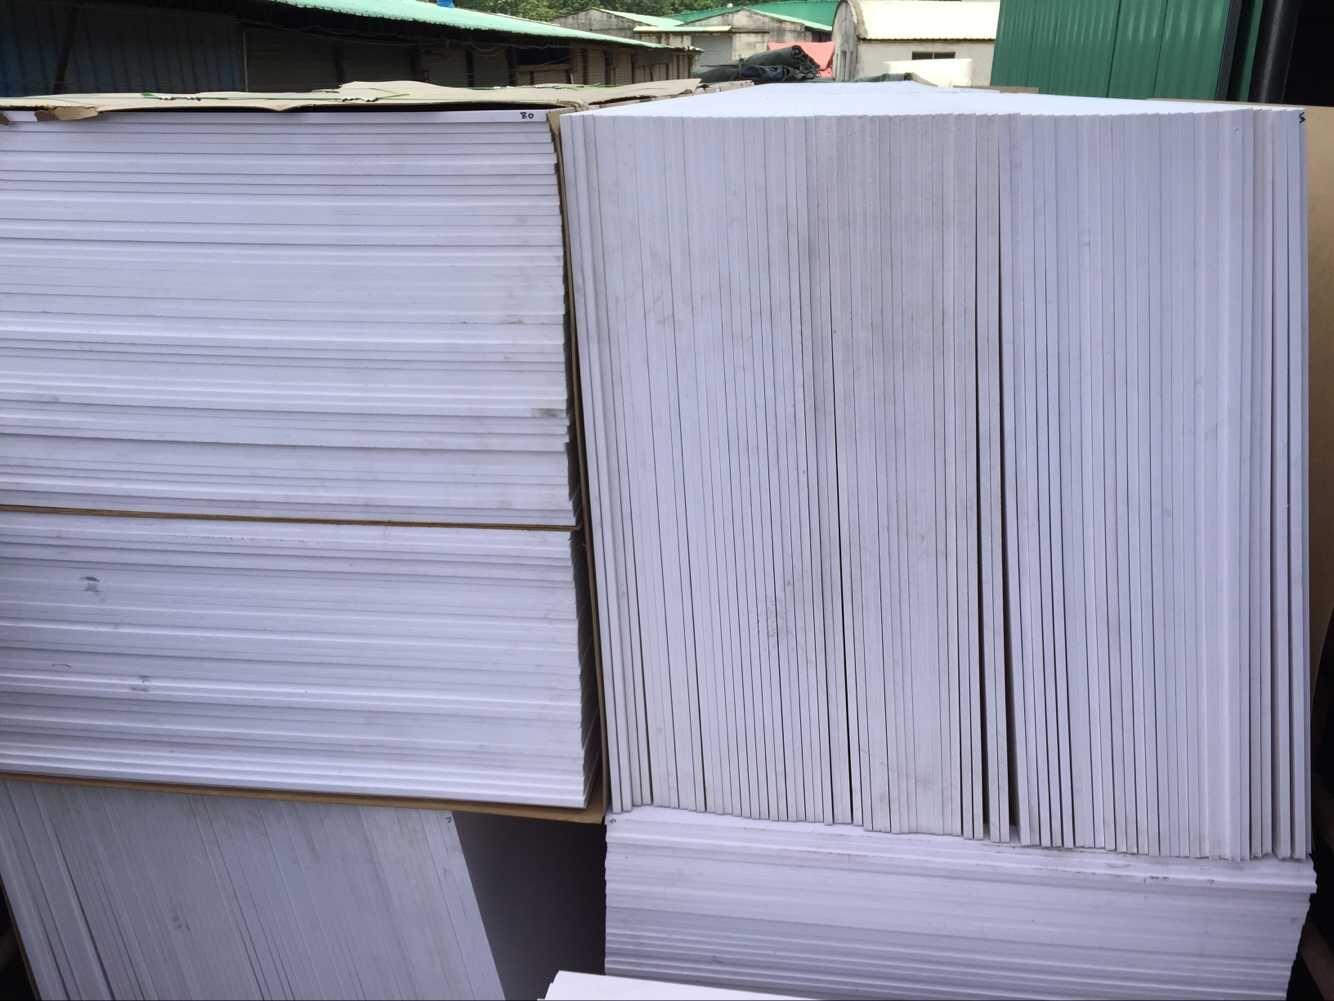 【优选】PVC发泡板厂家首选康飞塑业 PVC发泡板与结皮板的分辨方法